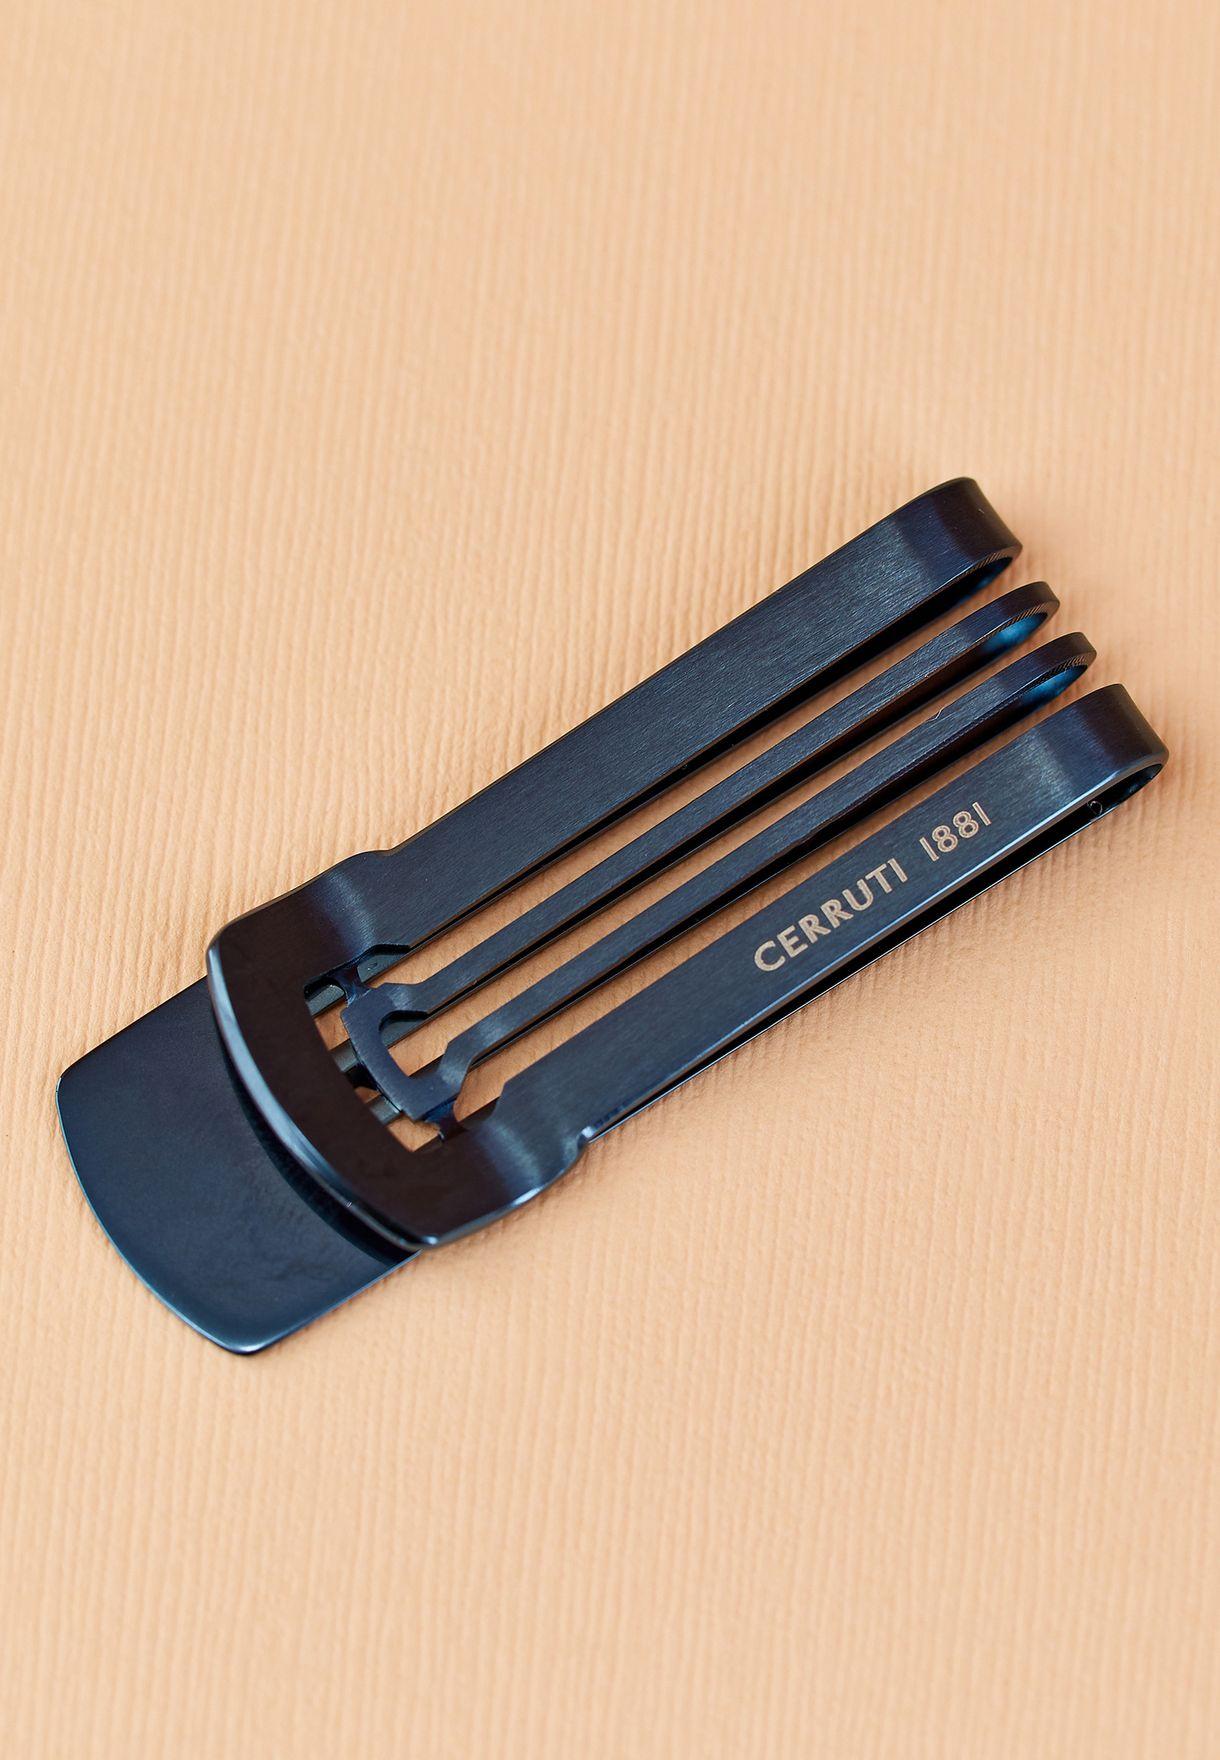 C CRJ M001SBL Cardholder Clip